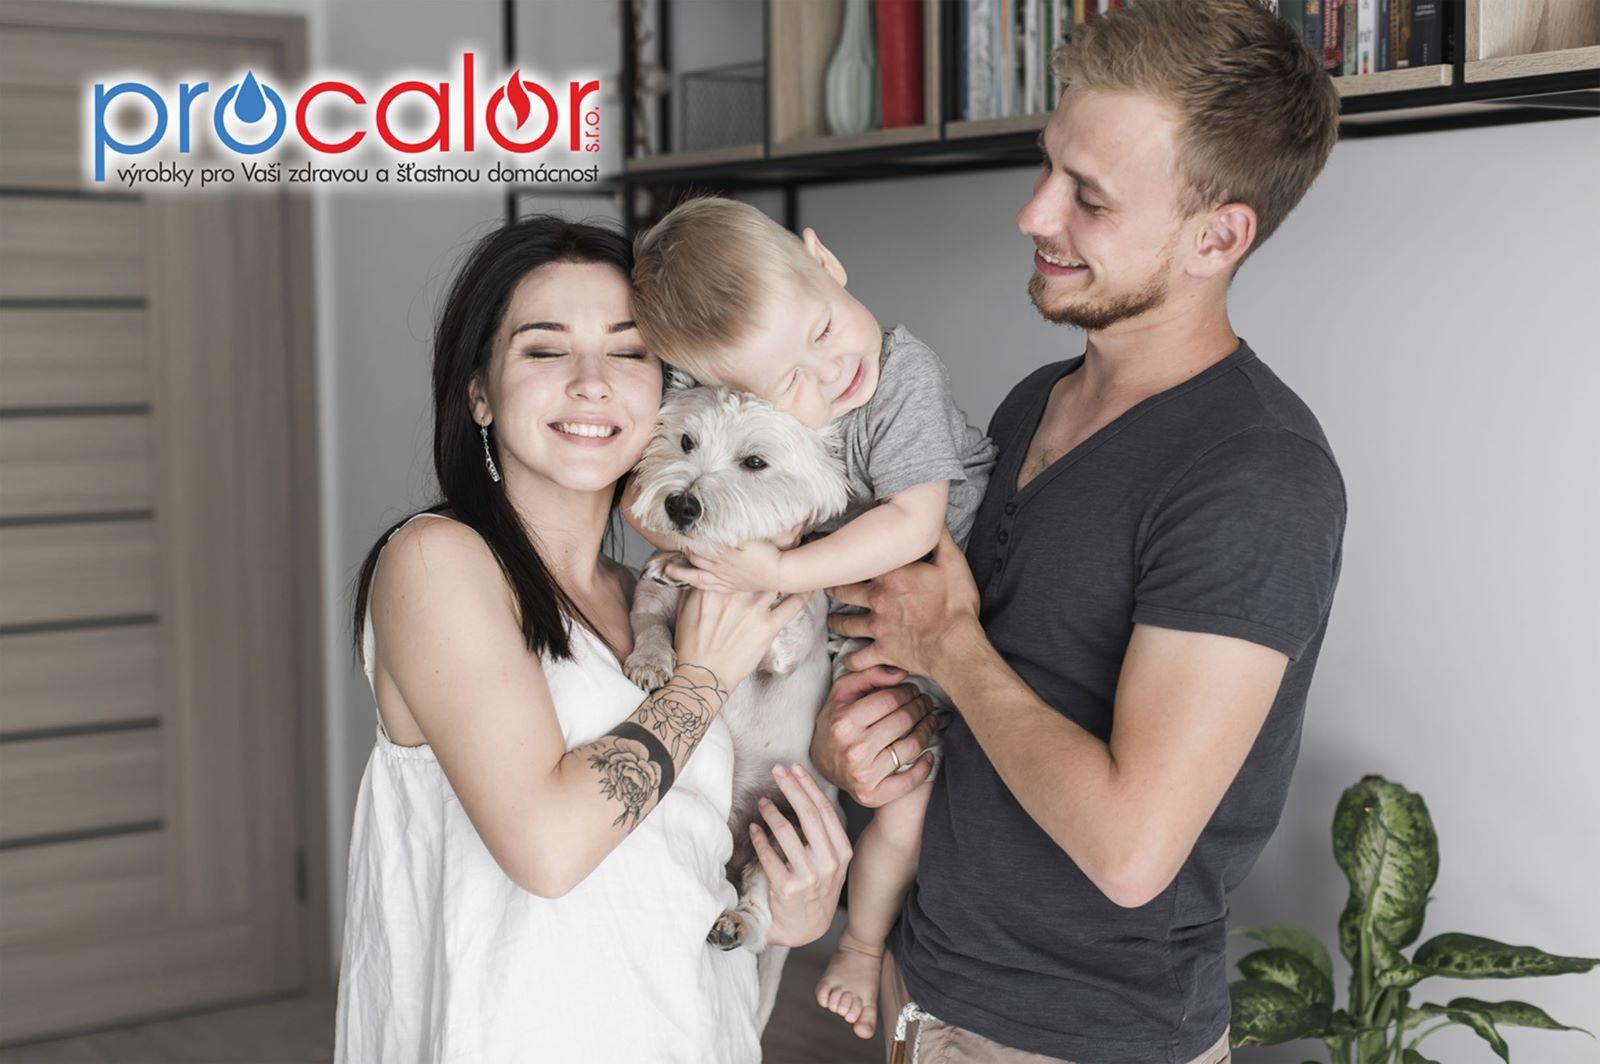 Procalor